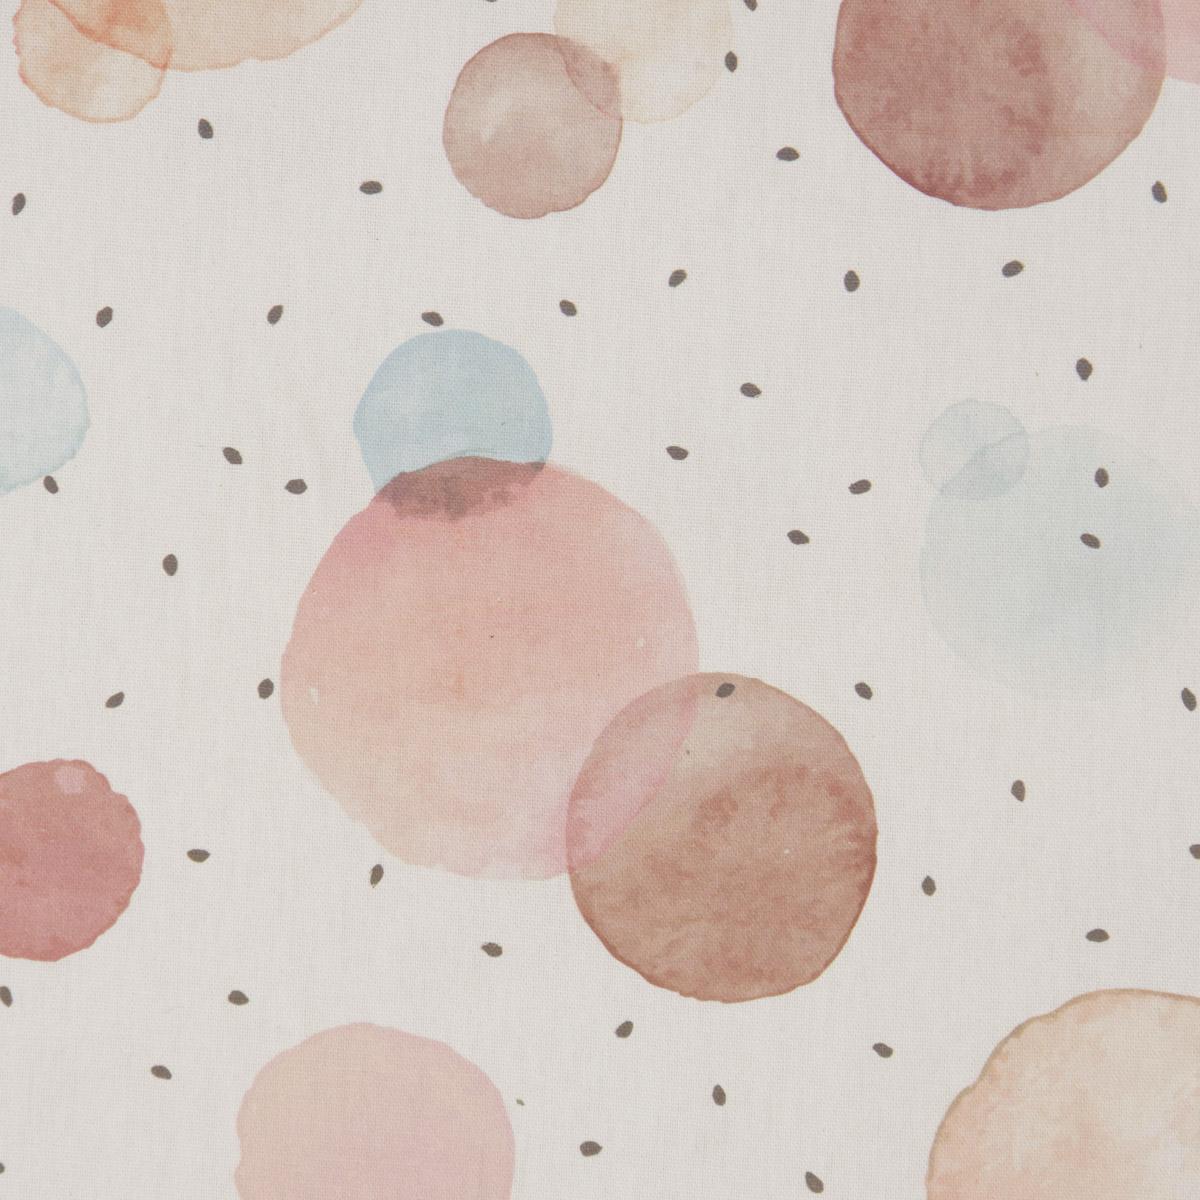 Dekostoff Baumwollstoff Halbpanama wollweiß mit Kreisen Aquarell-Tupfen pastell raumhoch 2,80m Breite